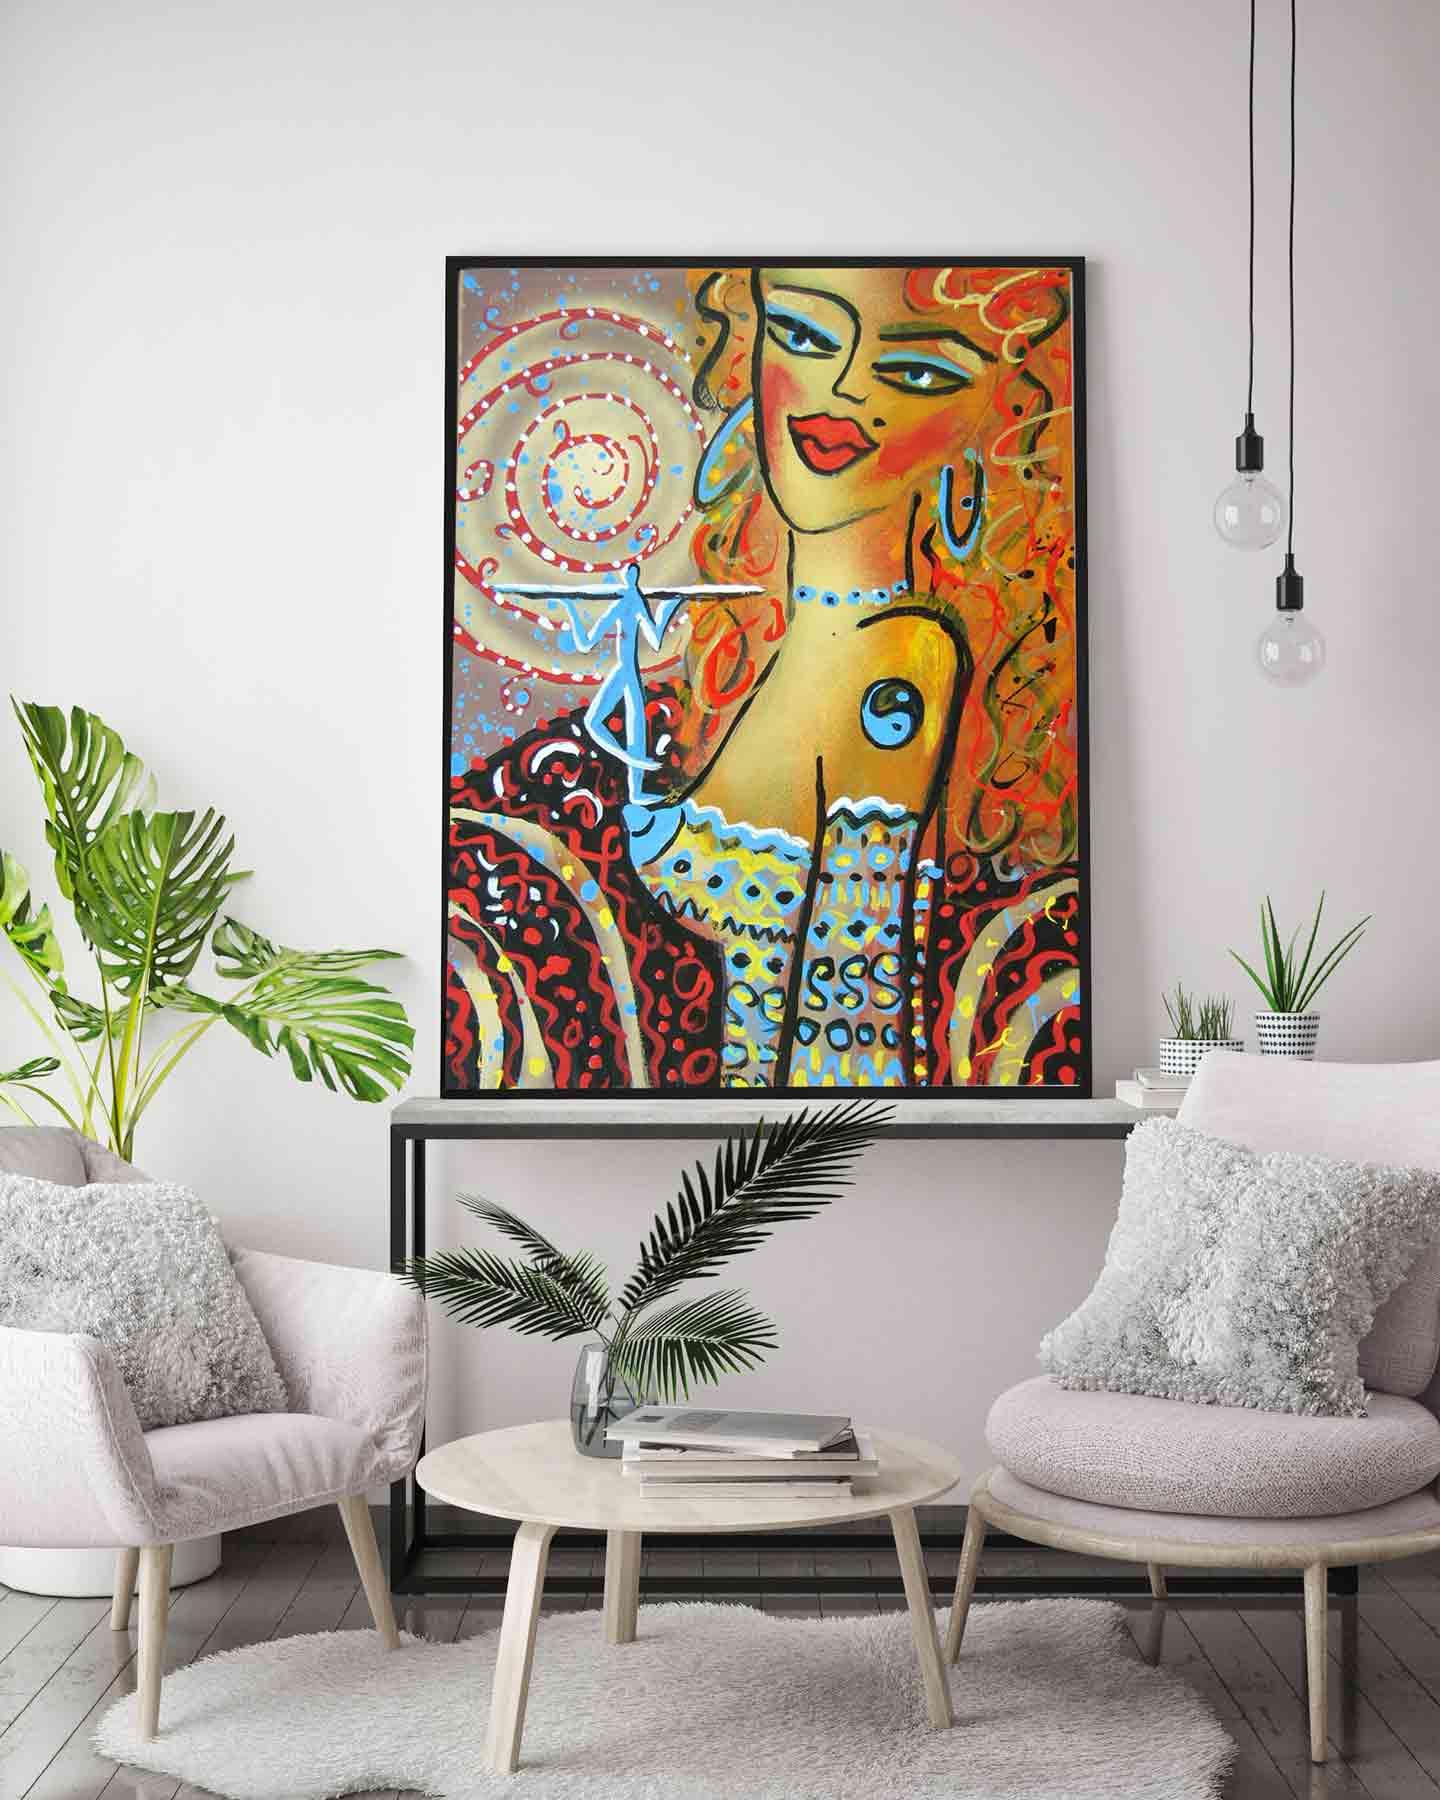 gesicht malerei der moderne i feng shui gem lde bild i frau 5. Black Bedroom Furniture Sets. Home Design Ideas